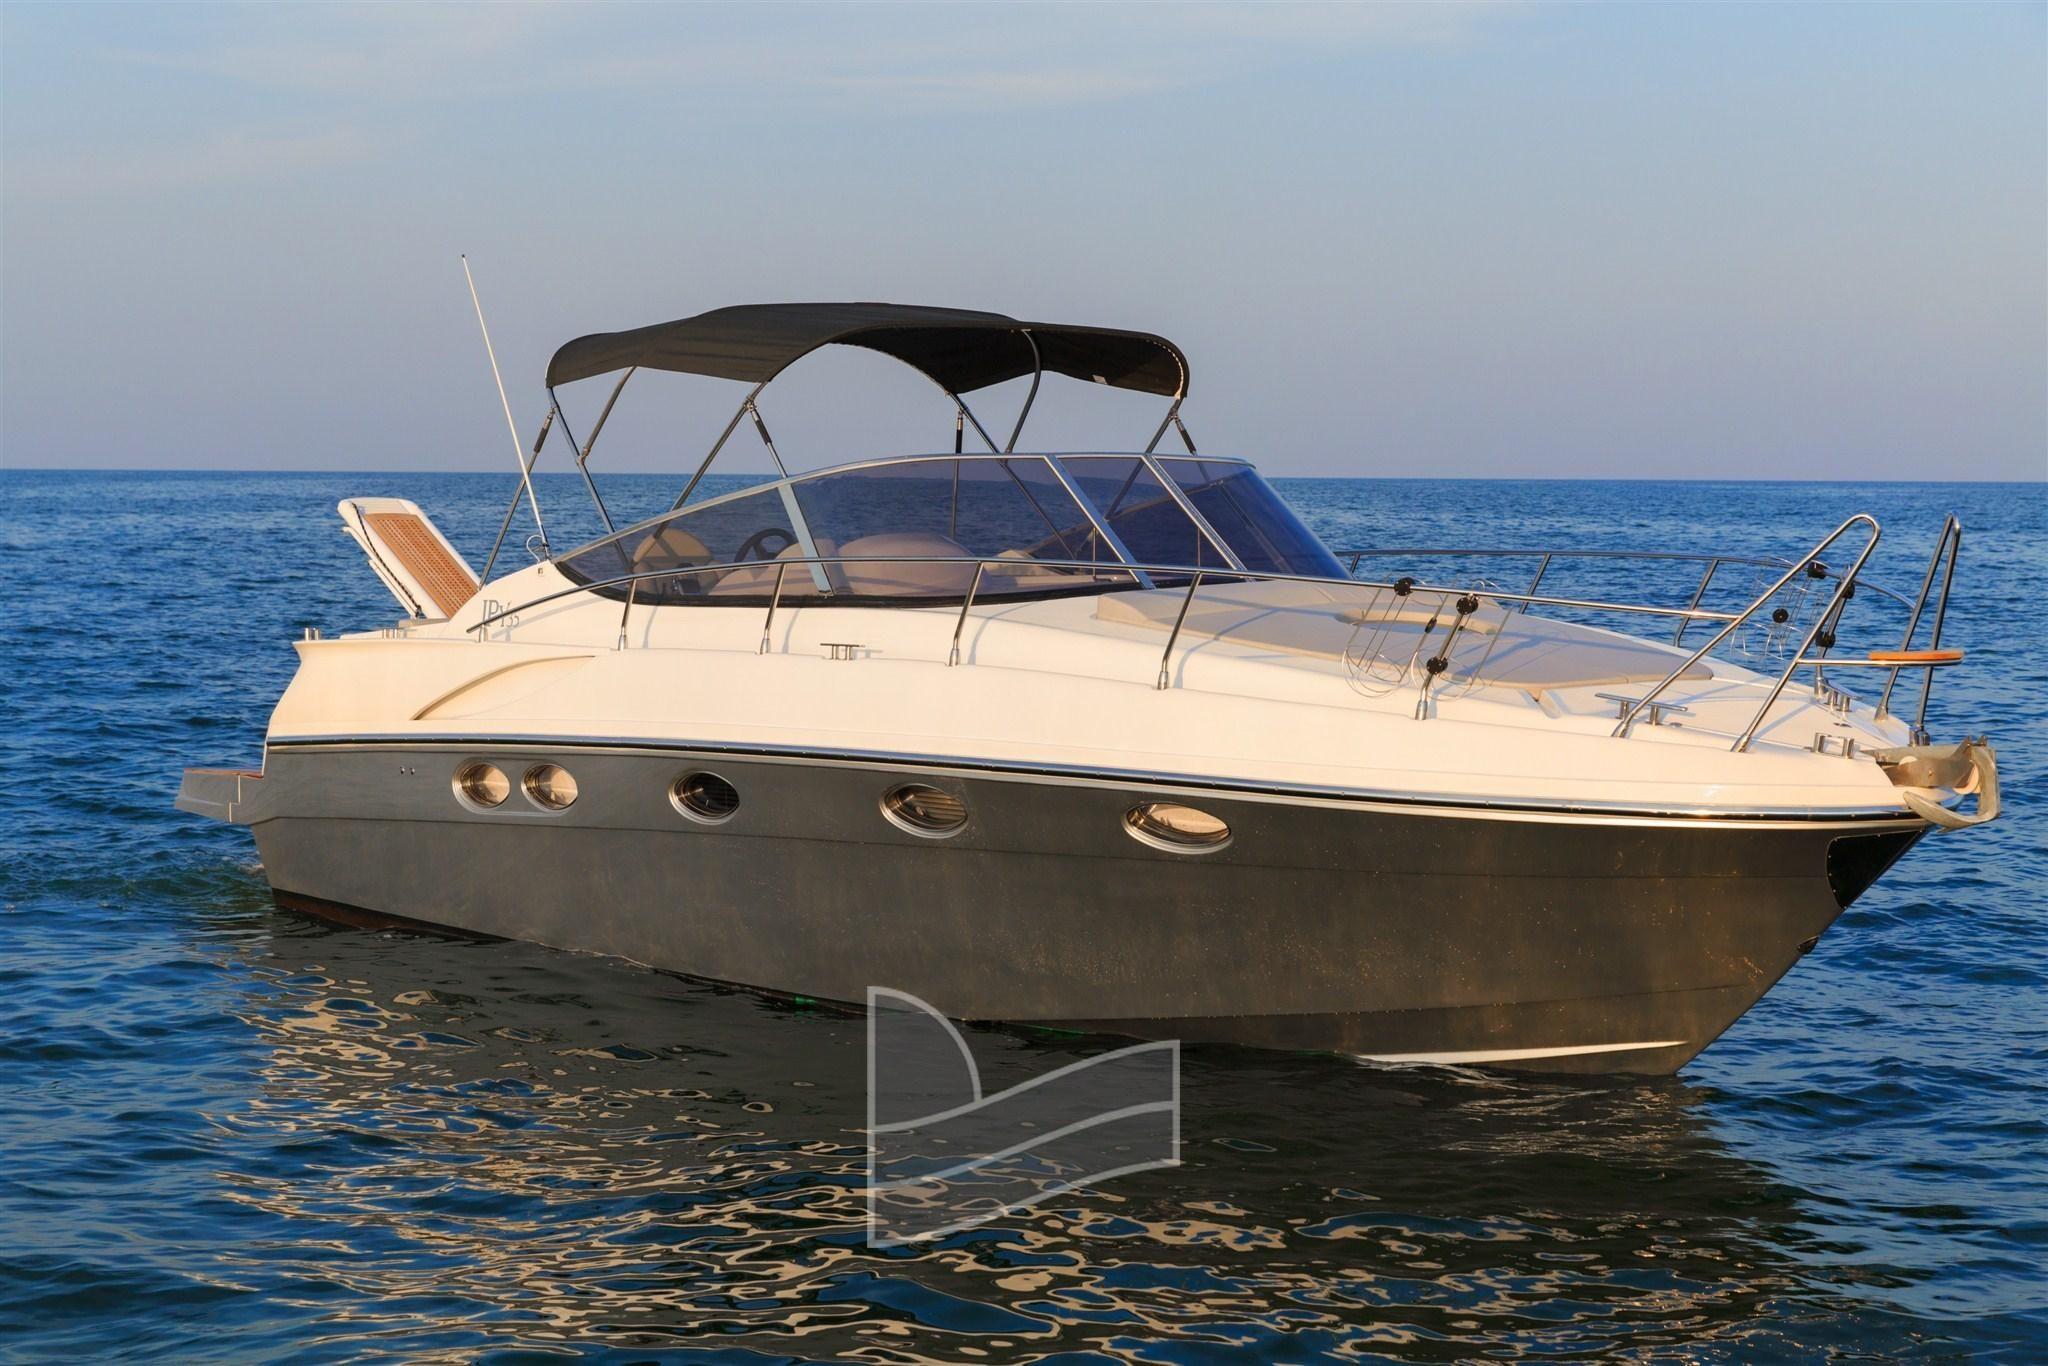 2016 custom innovazioni progetti yachts ipy 35 motore for Progetti architettonici in vendita